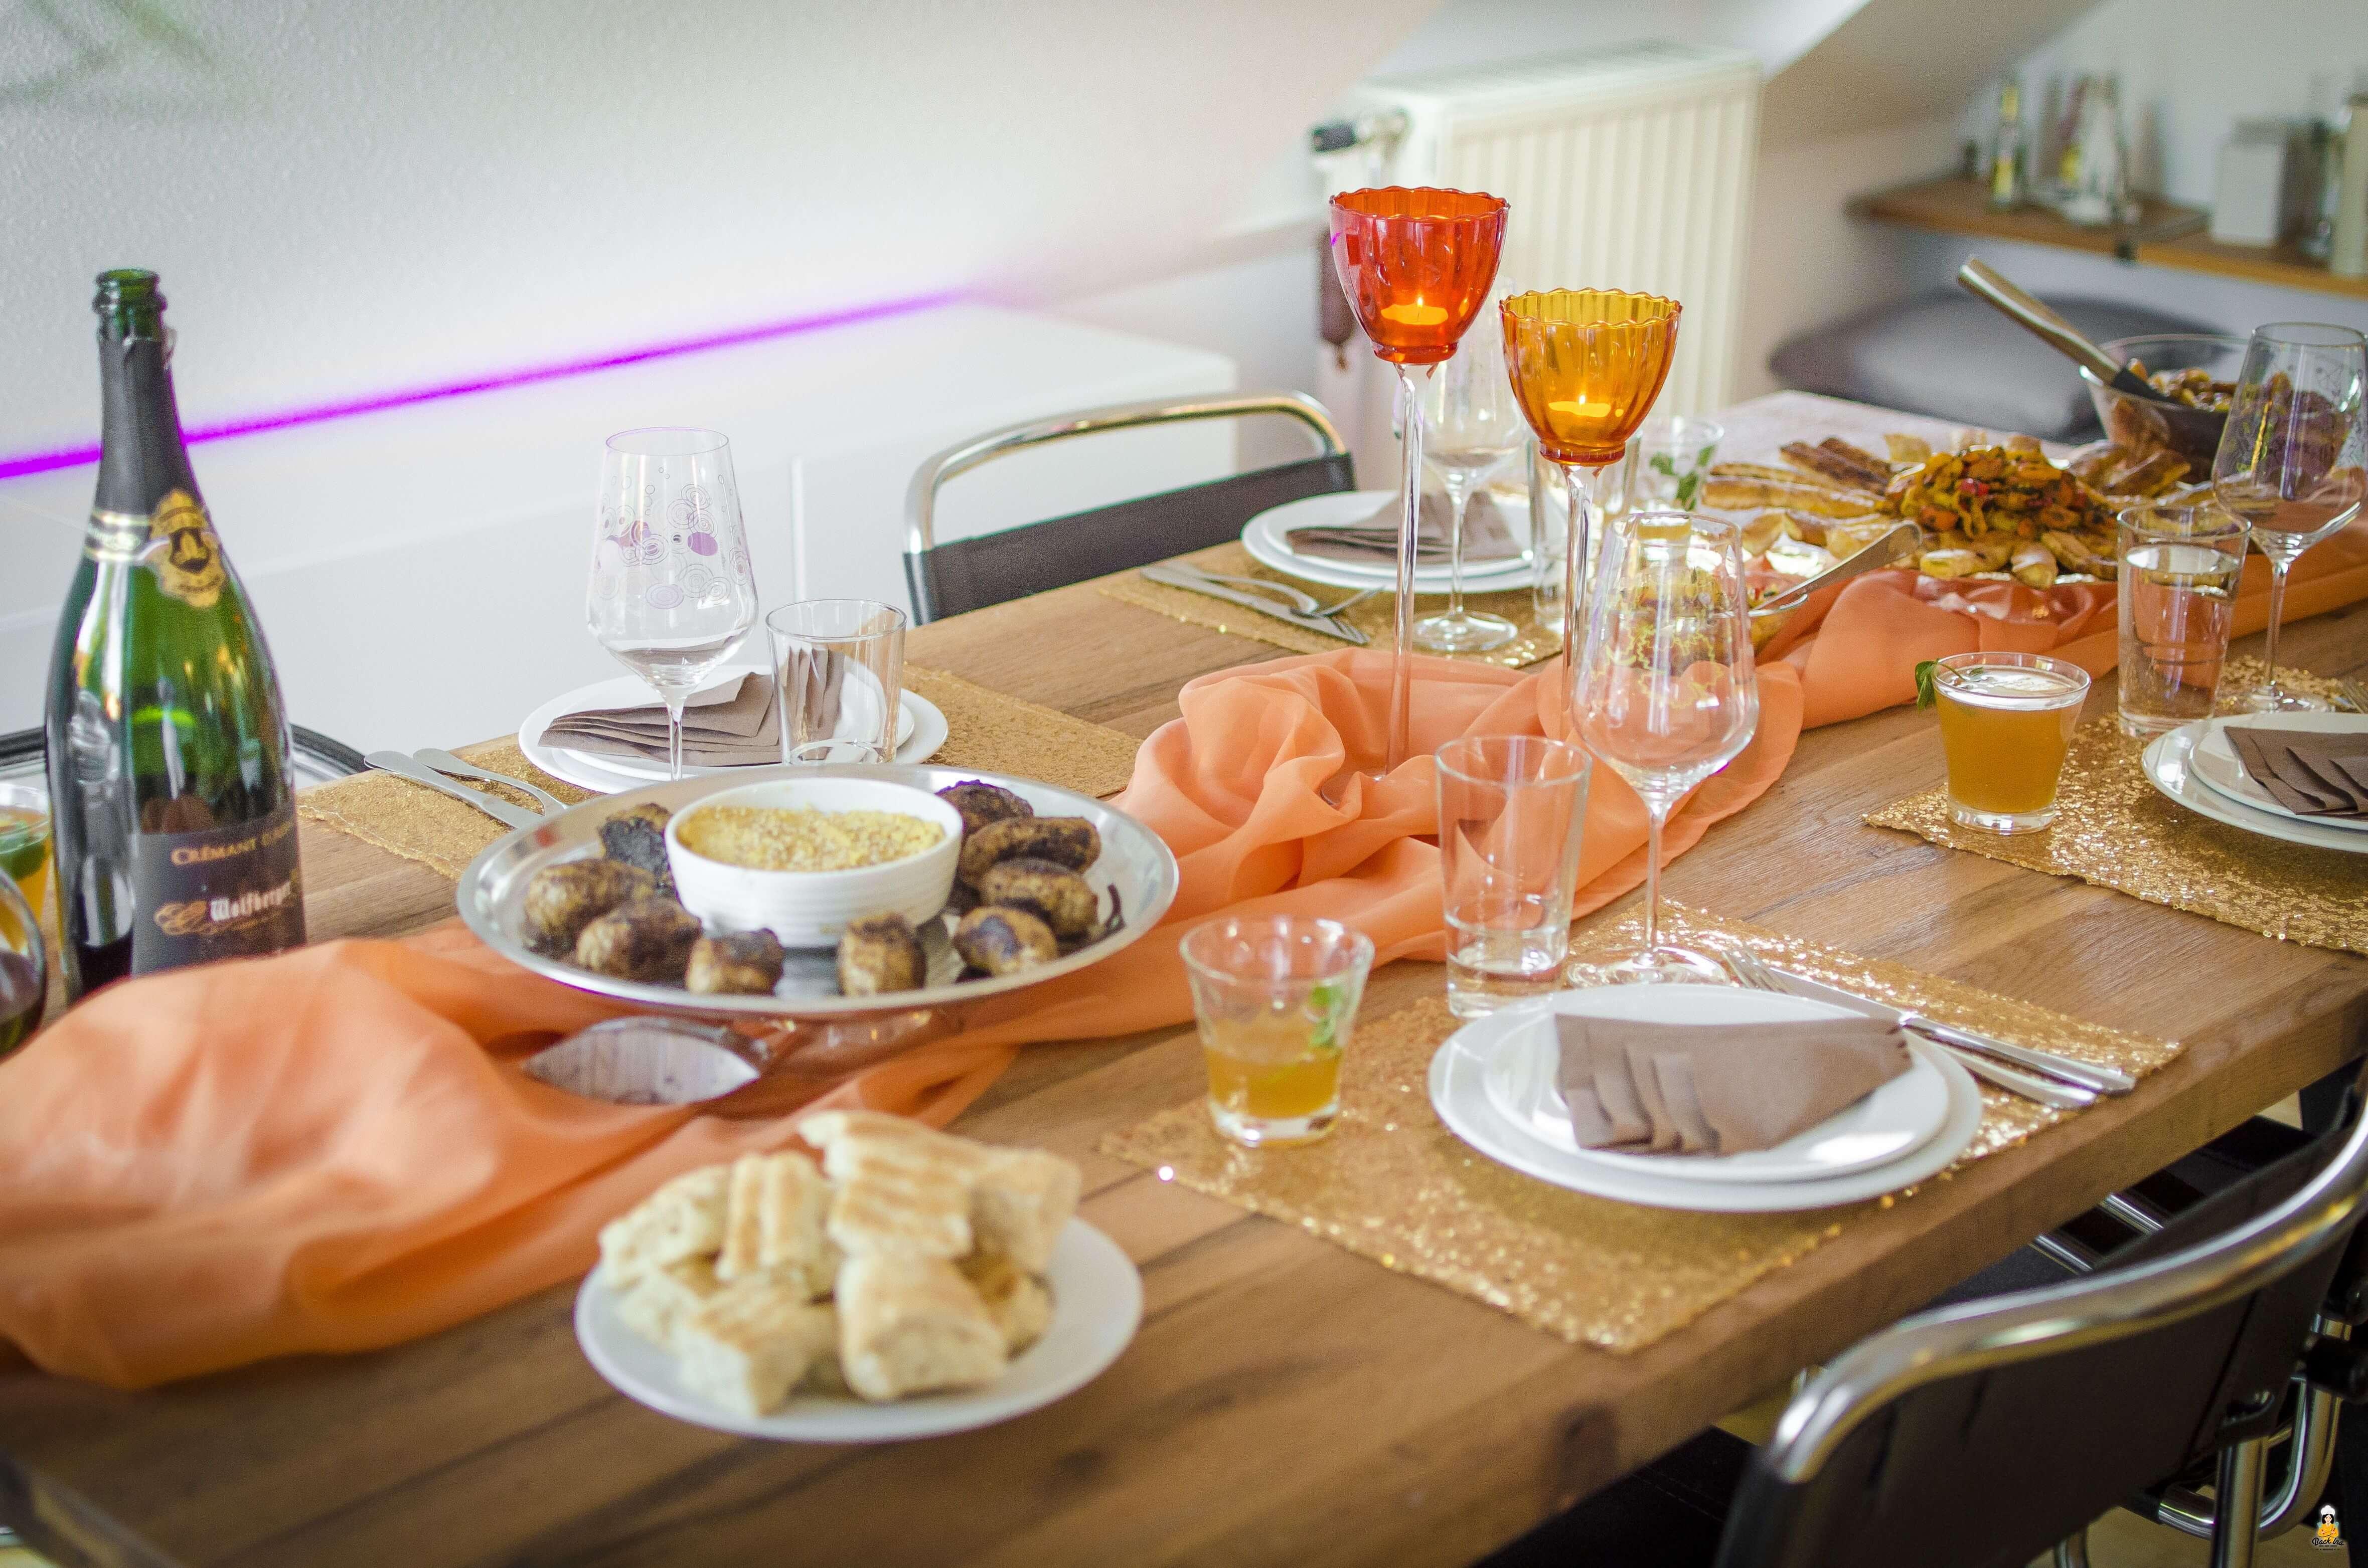 orientalischer abend zu hause rezepte und deko. Black Bedroom Furniture Sets. Home Design Ideas